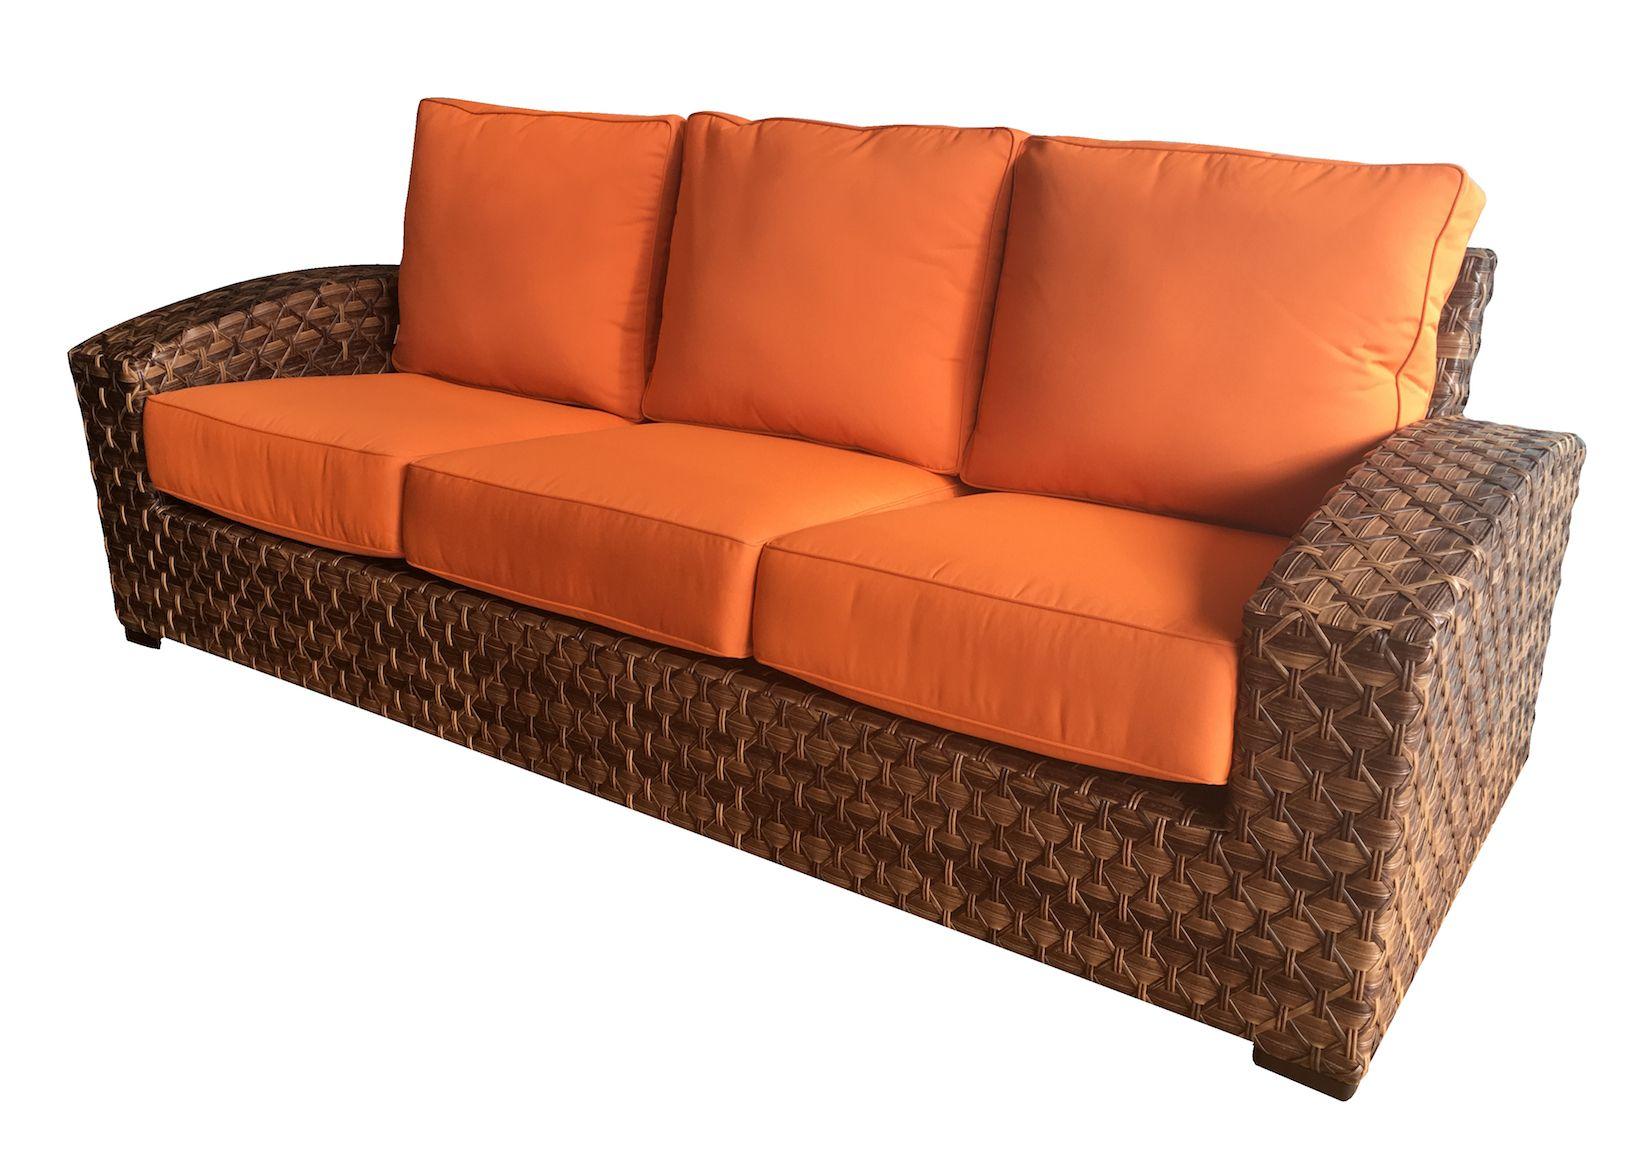 Westbury Outdoor Wicker Sofa Wicker Sofa Outdoor Sunbrella